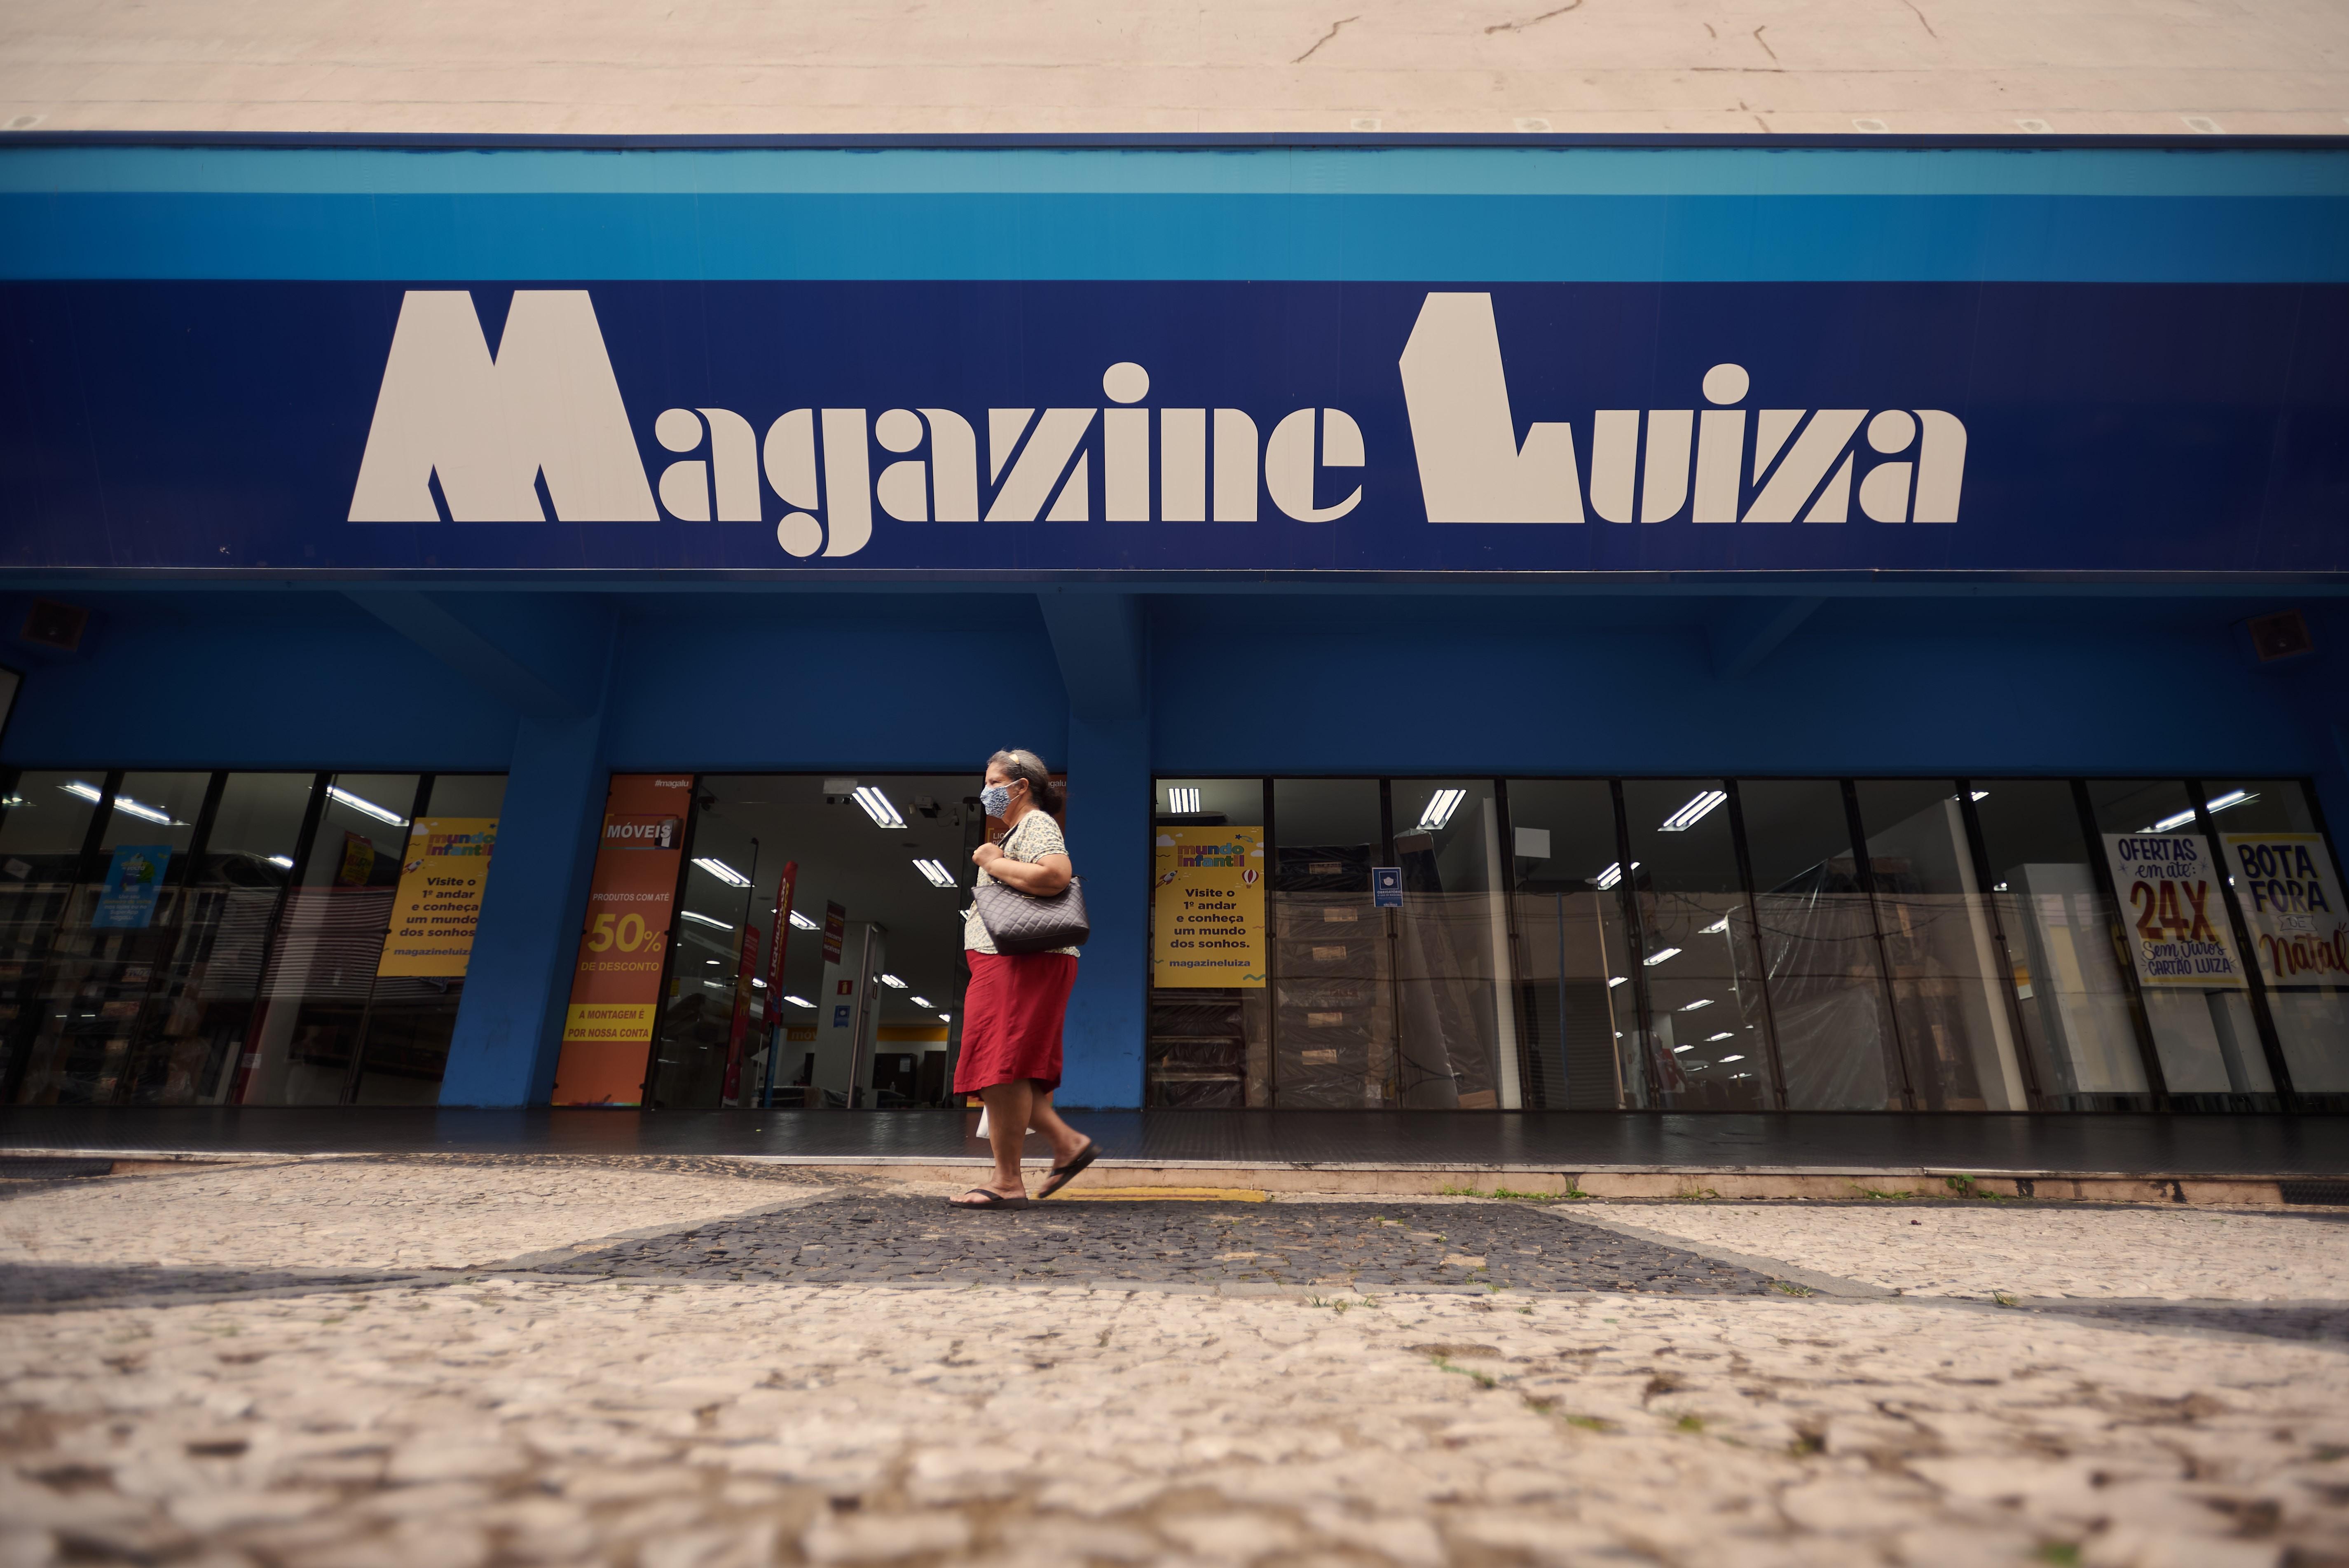 Rede varejista abre 100 vagas para call center em Franca, SP